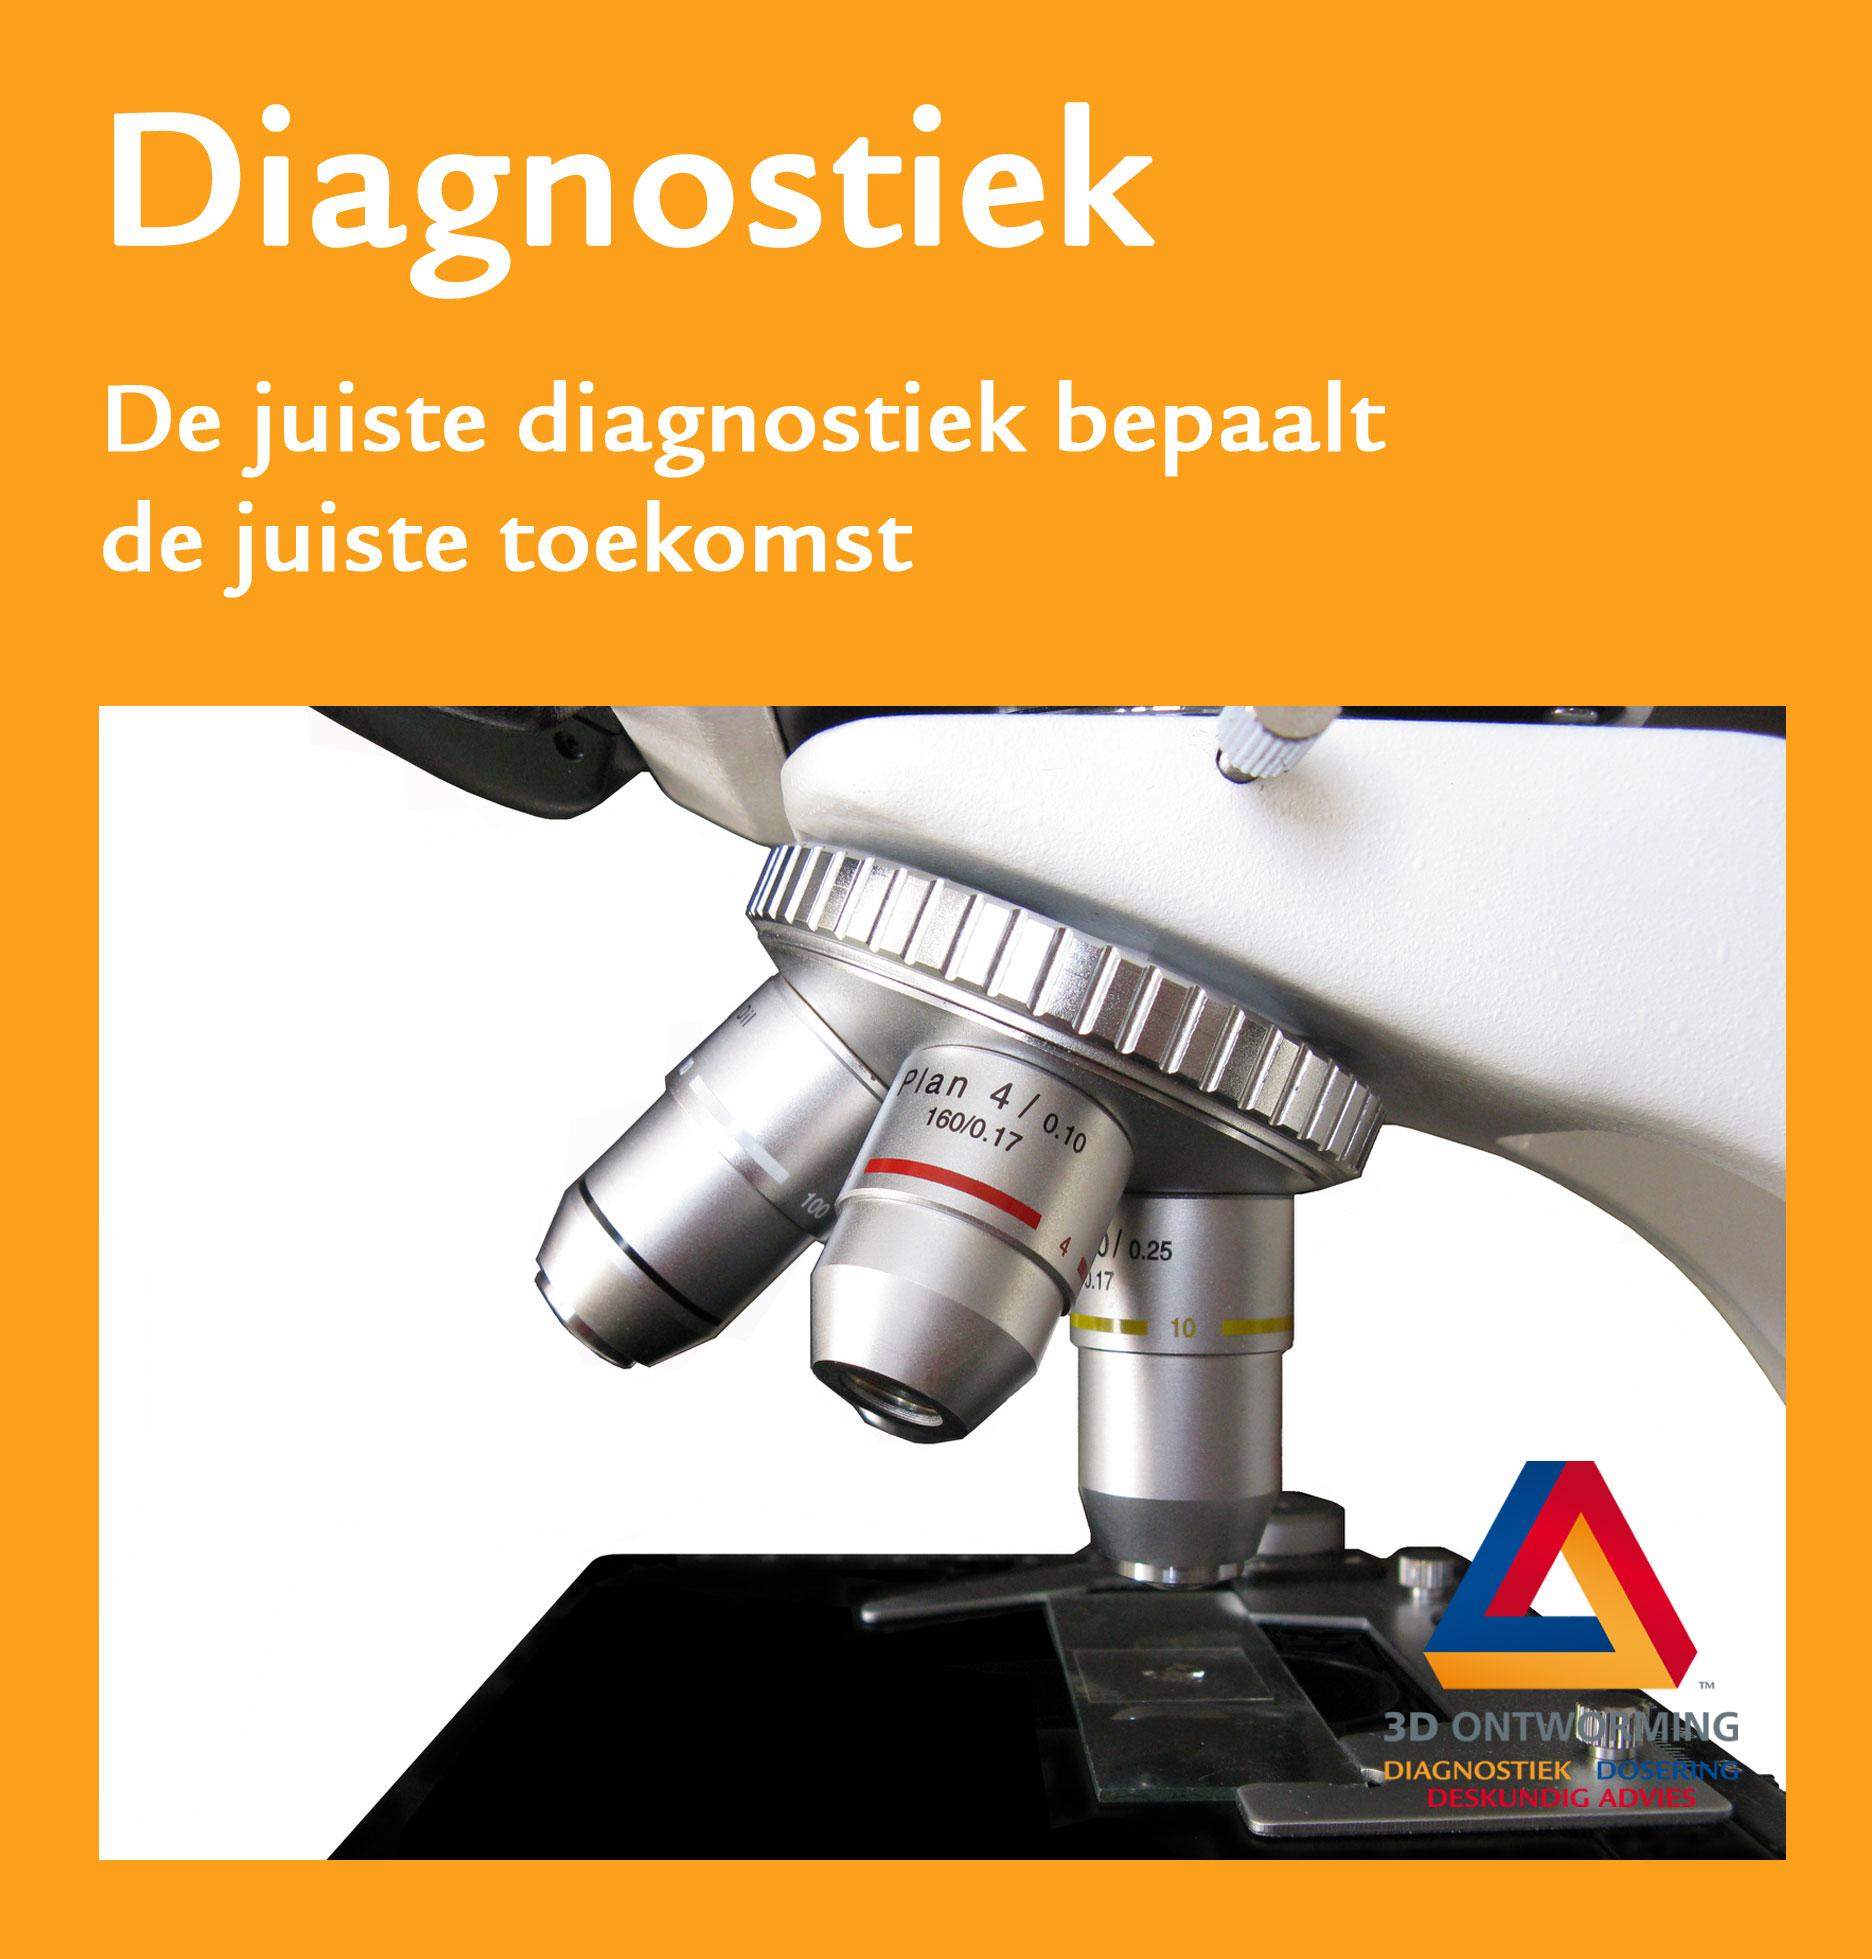 3D Diagnostiek